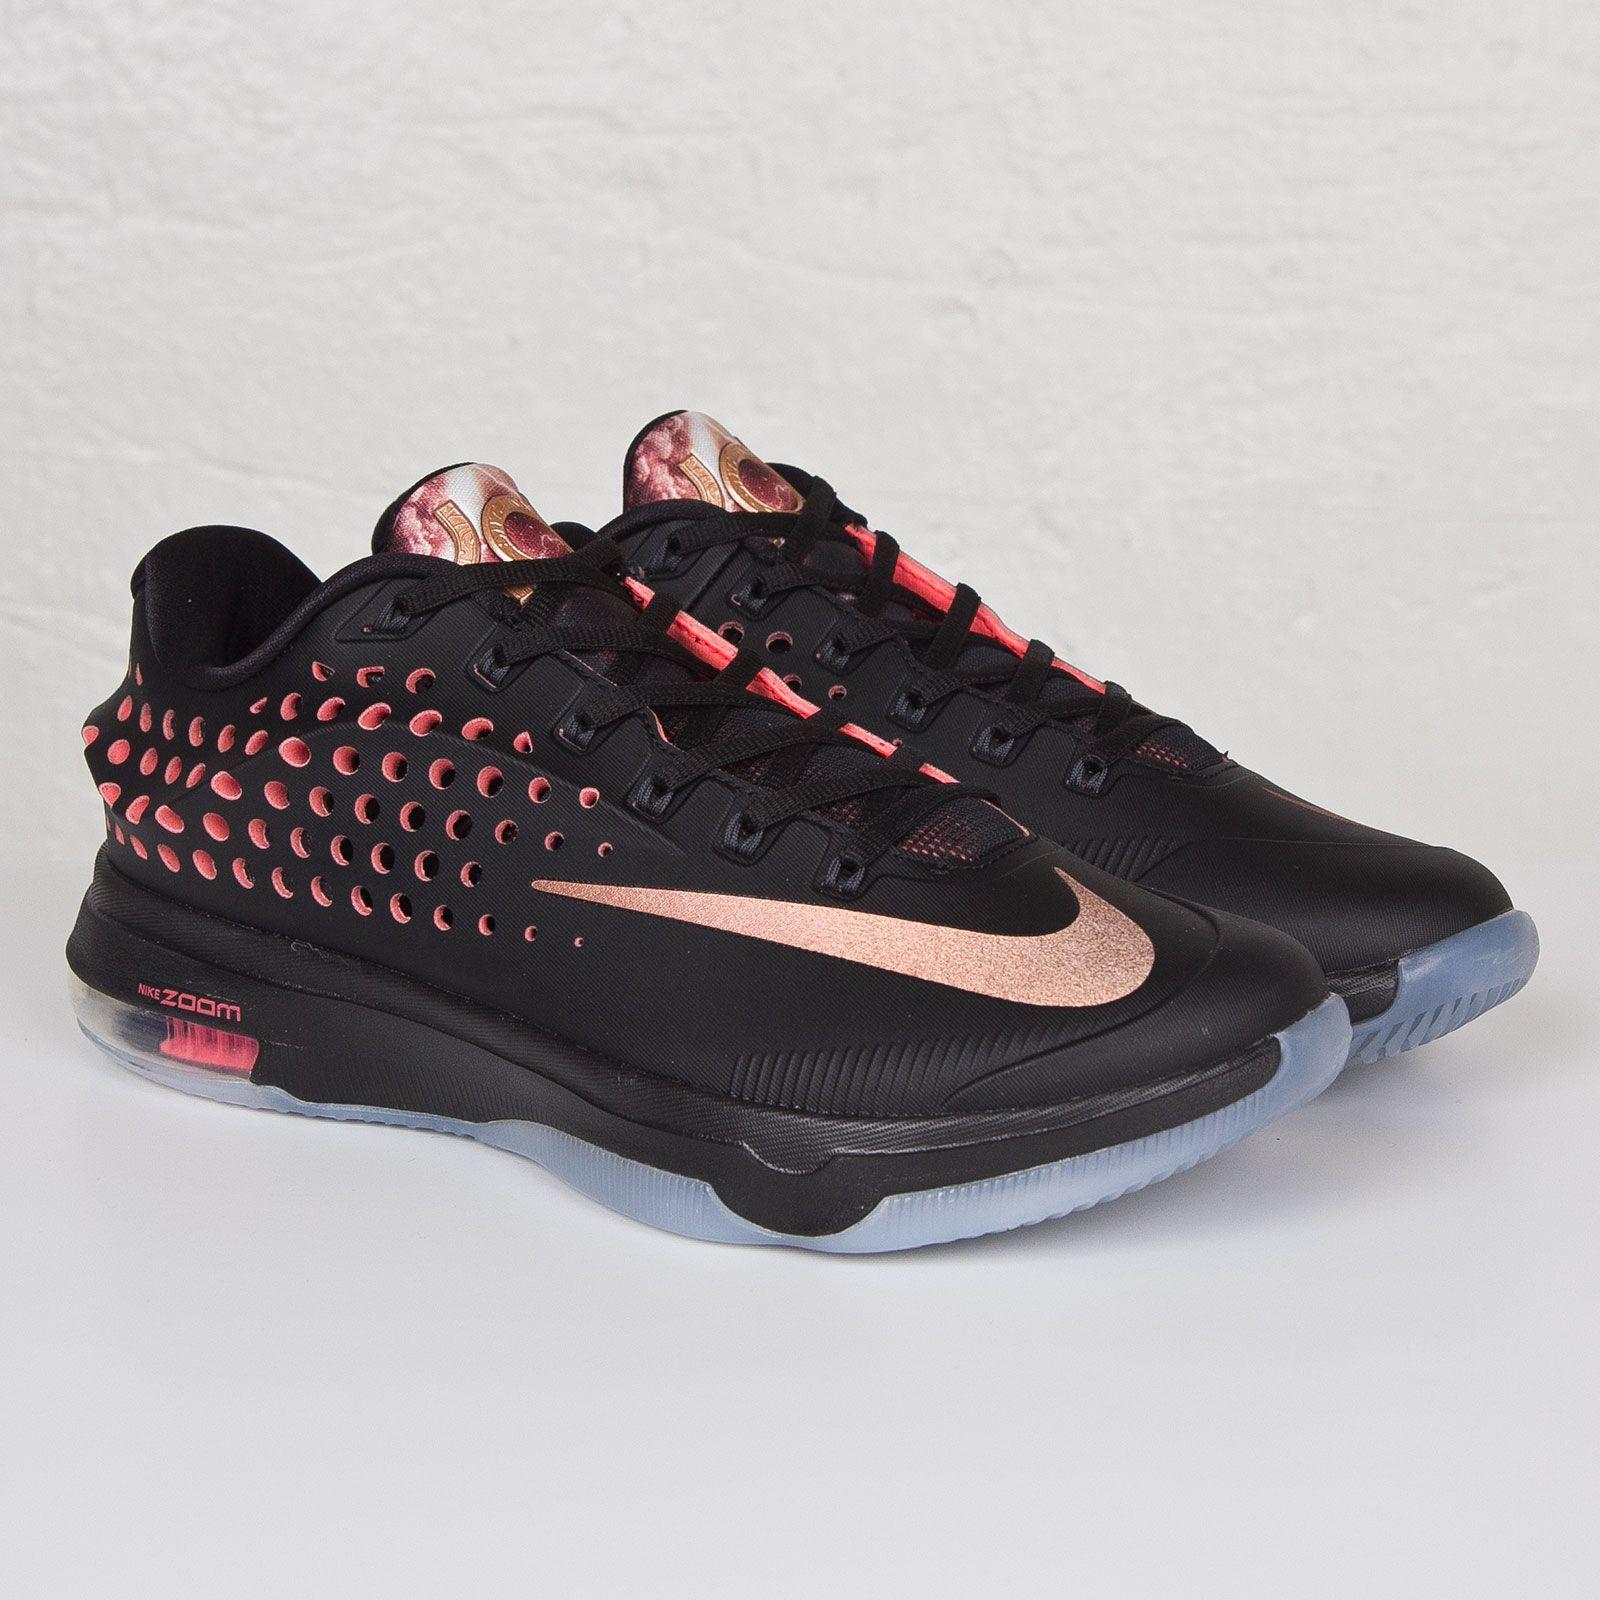 low priced aa2cf bcbe6 Nike KD VII Elite